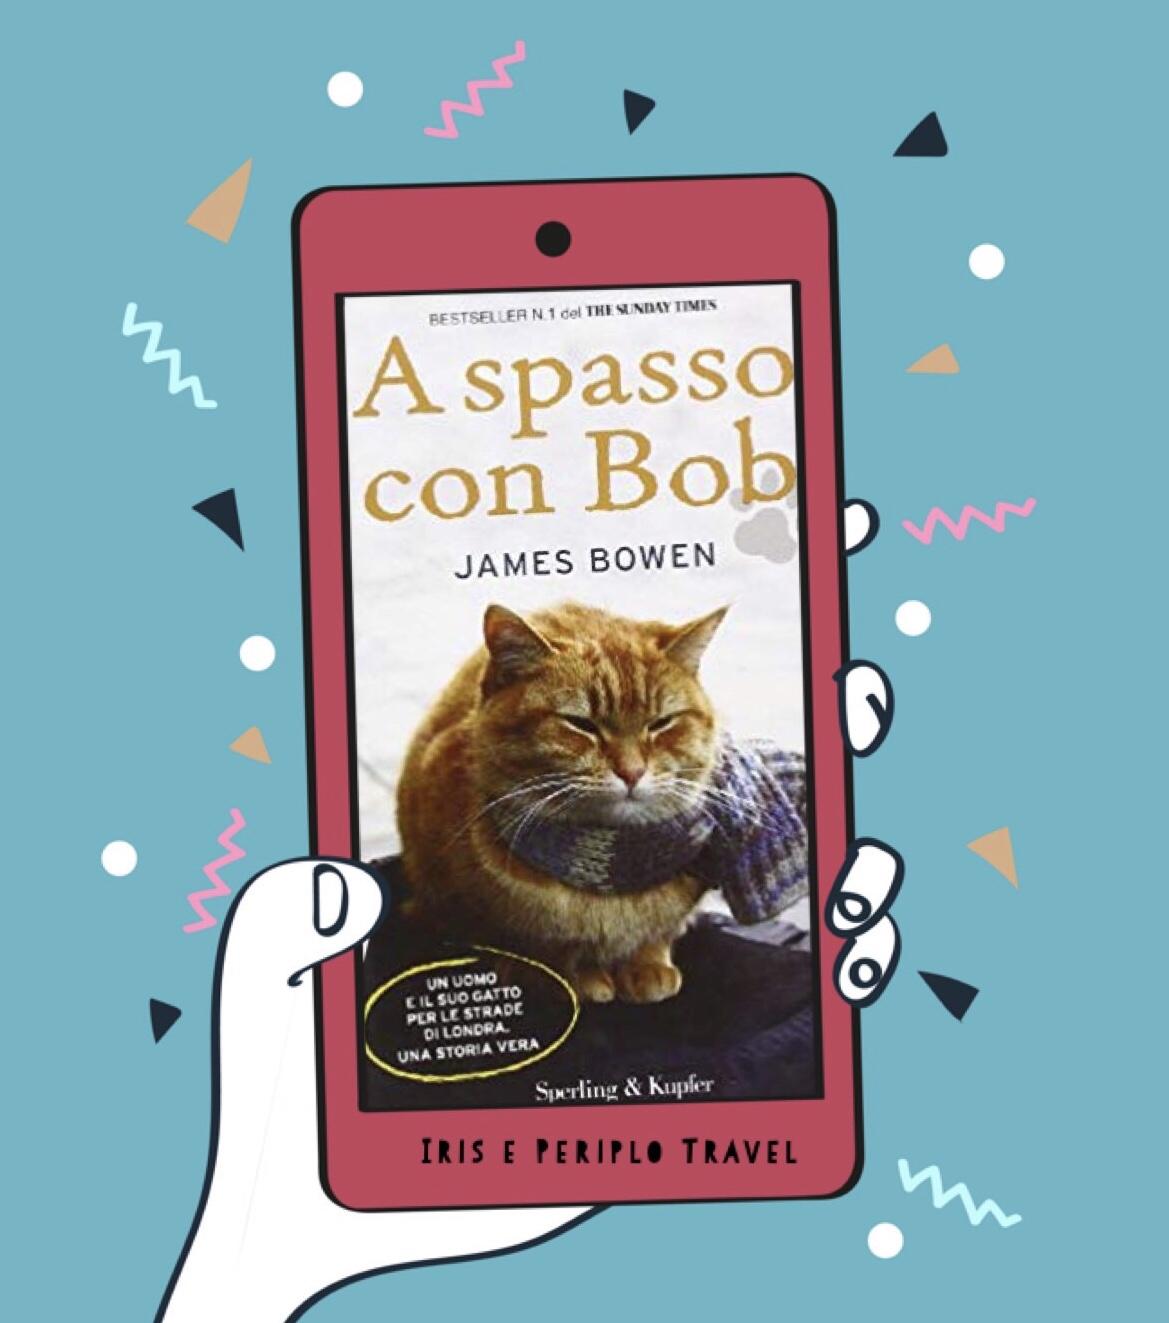 Copertina del libro A spasso con Bob